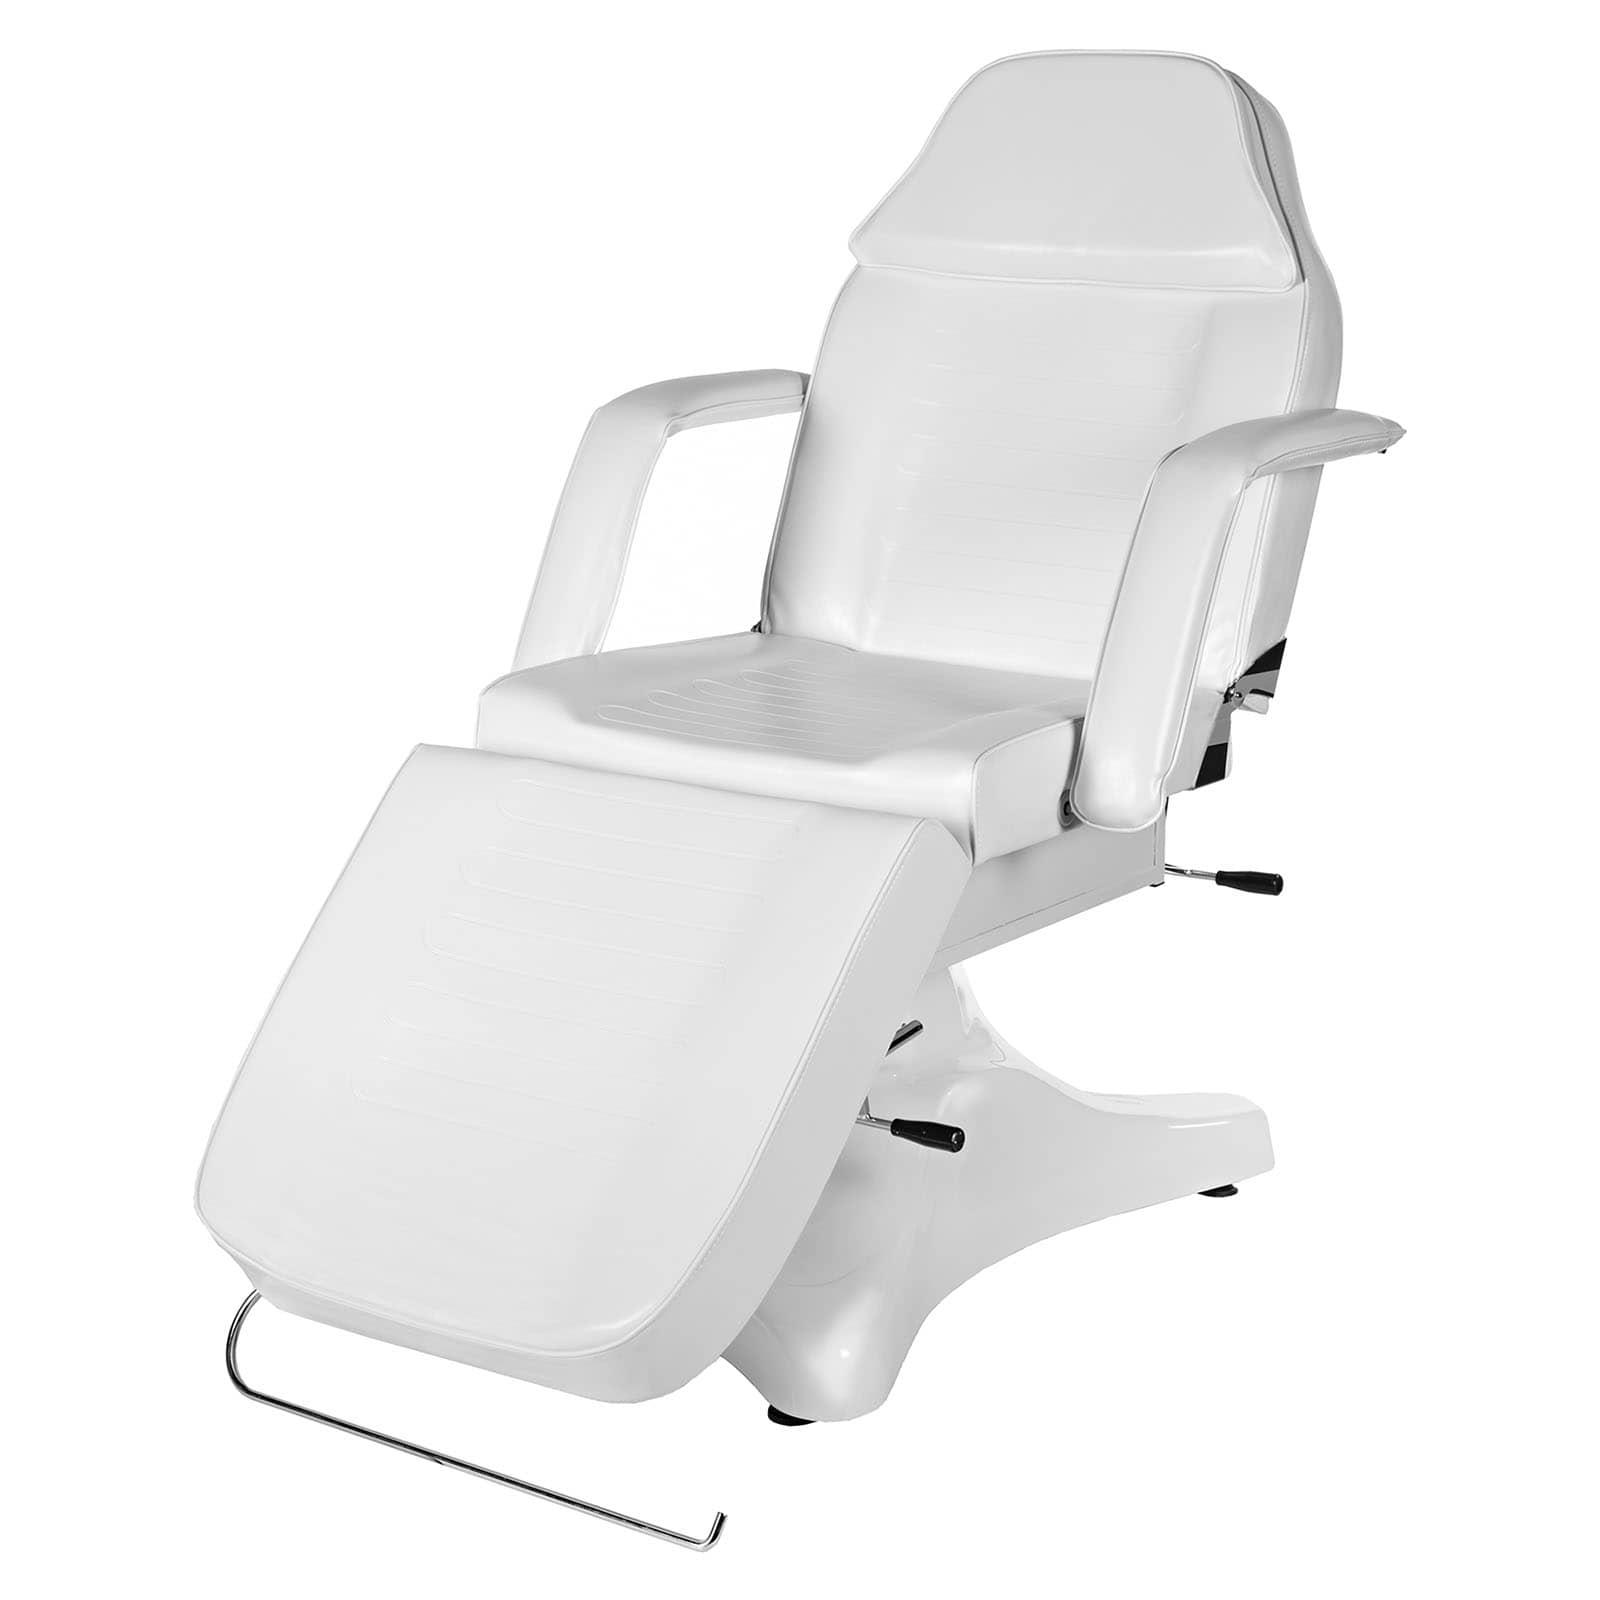 Biały fotel kosmetyczny Physa Imperia